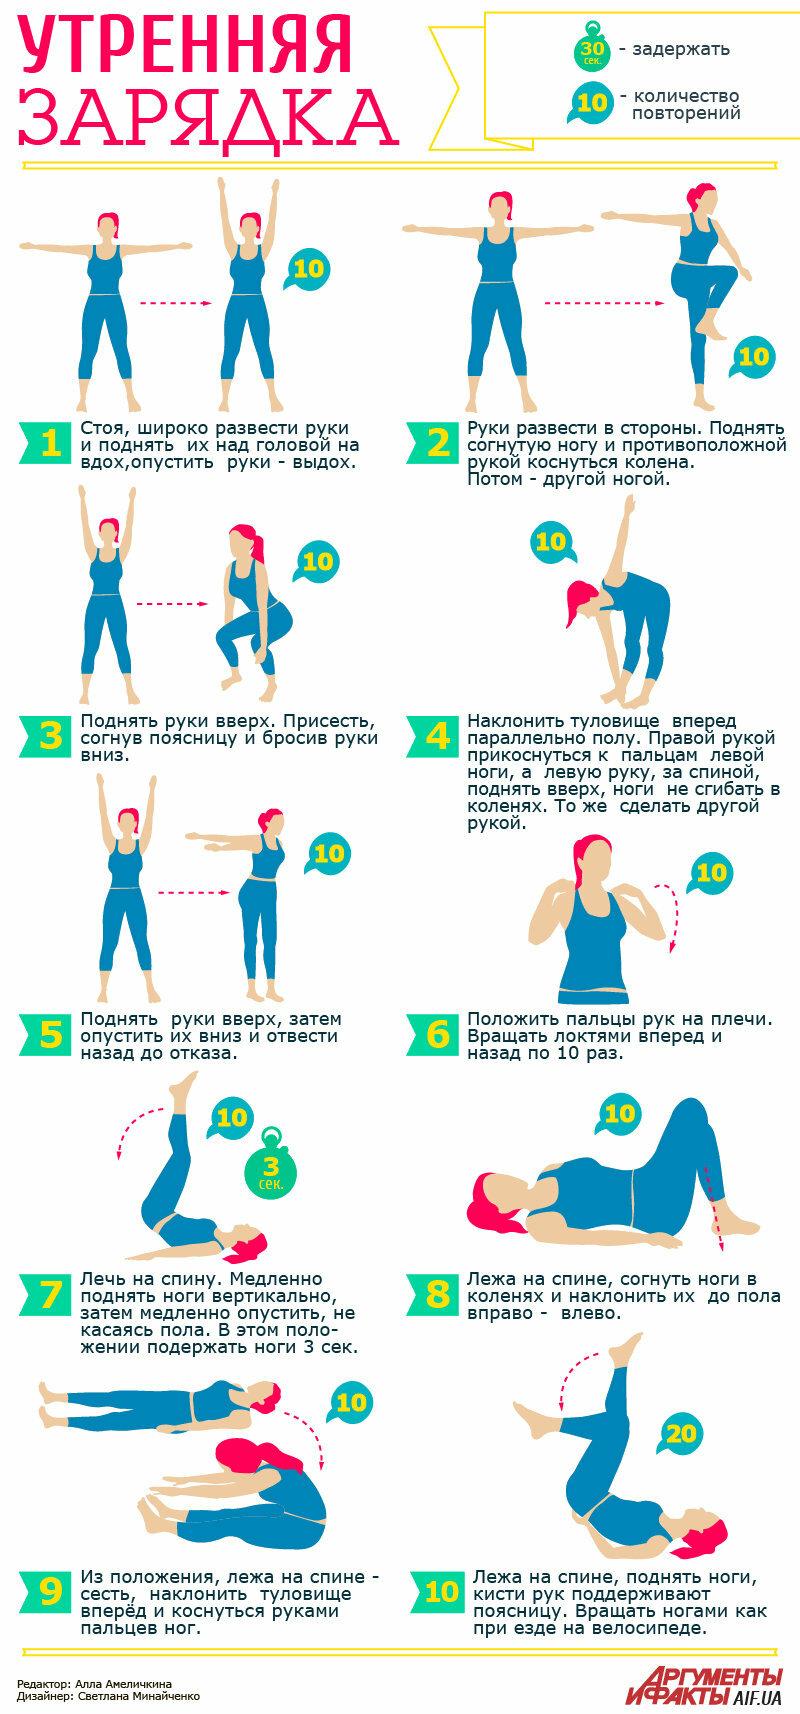 Зачем нужна утренняя зарядка: польза утренней гимнастики, упражнения